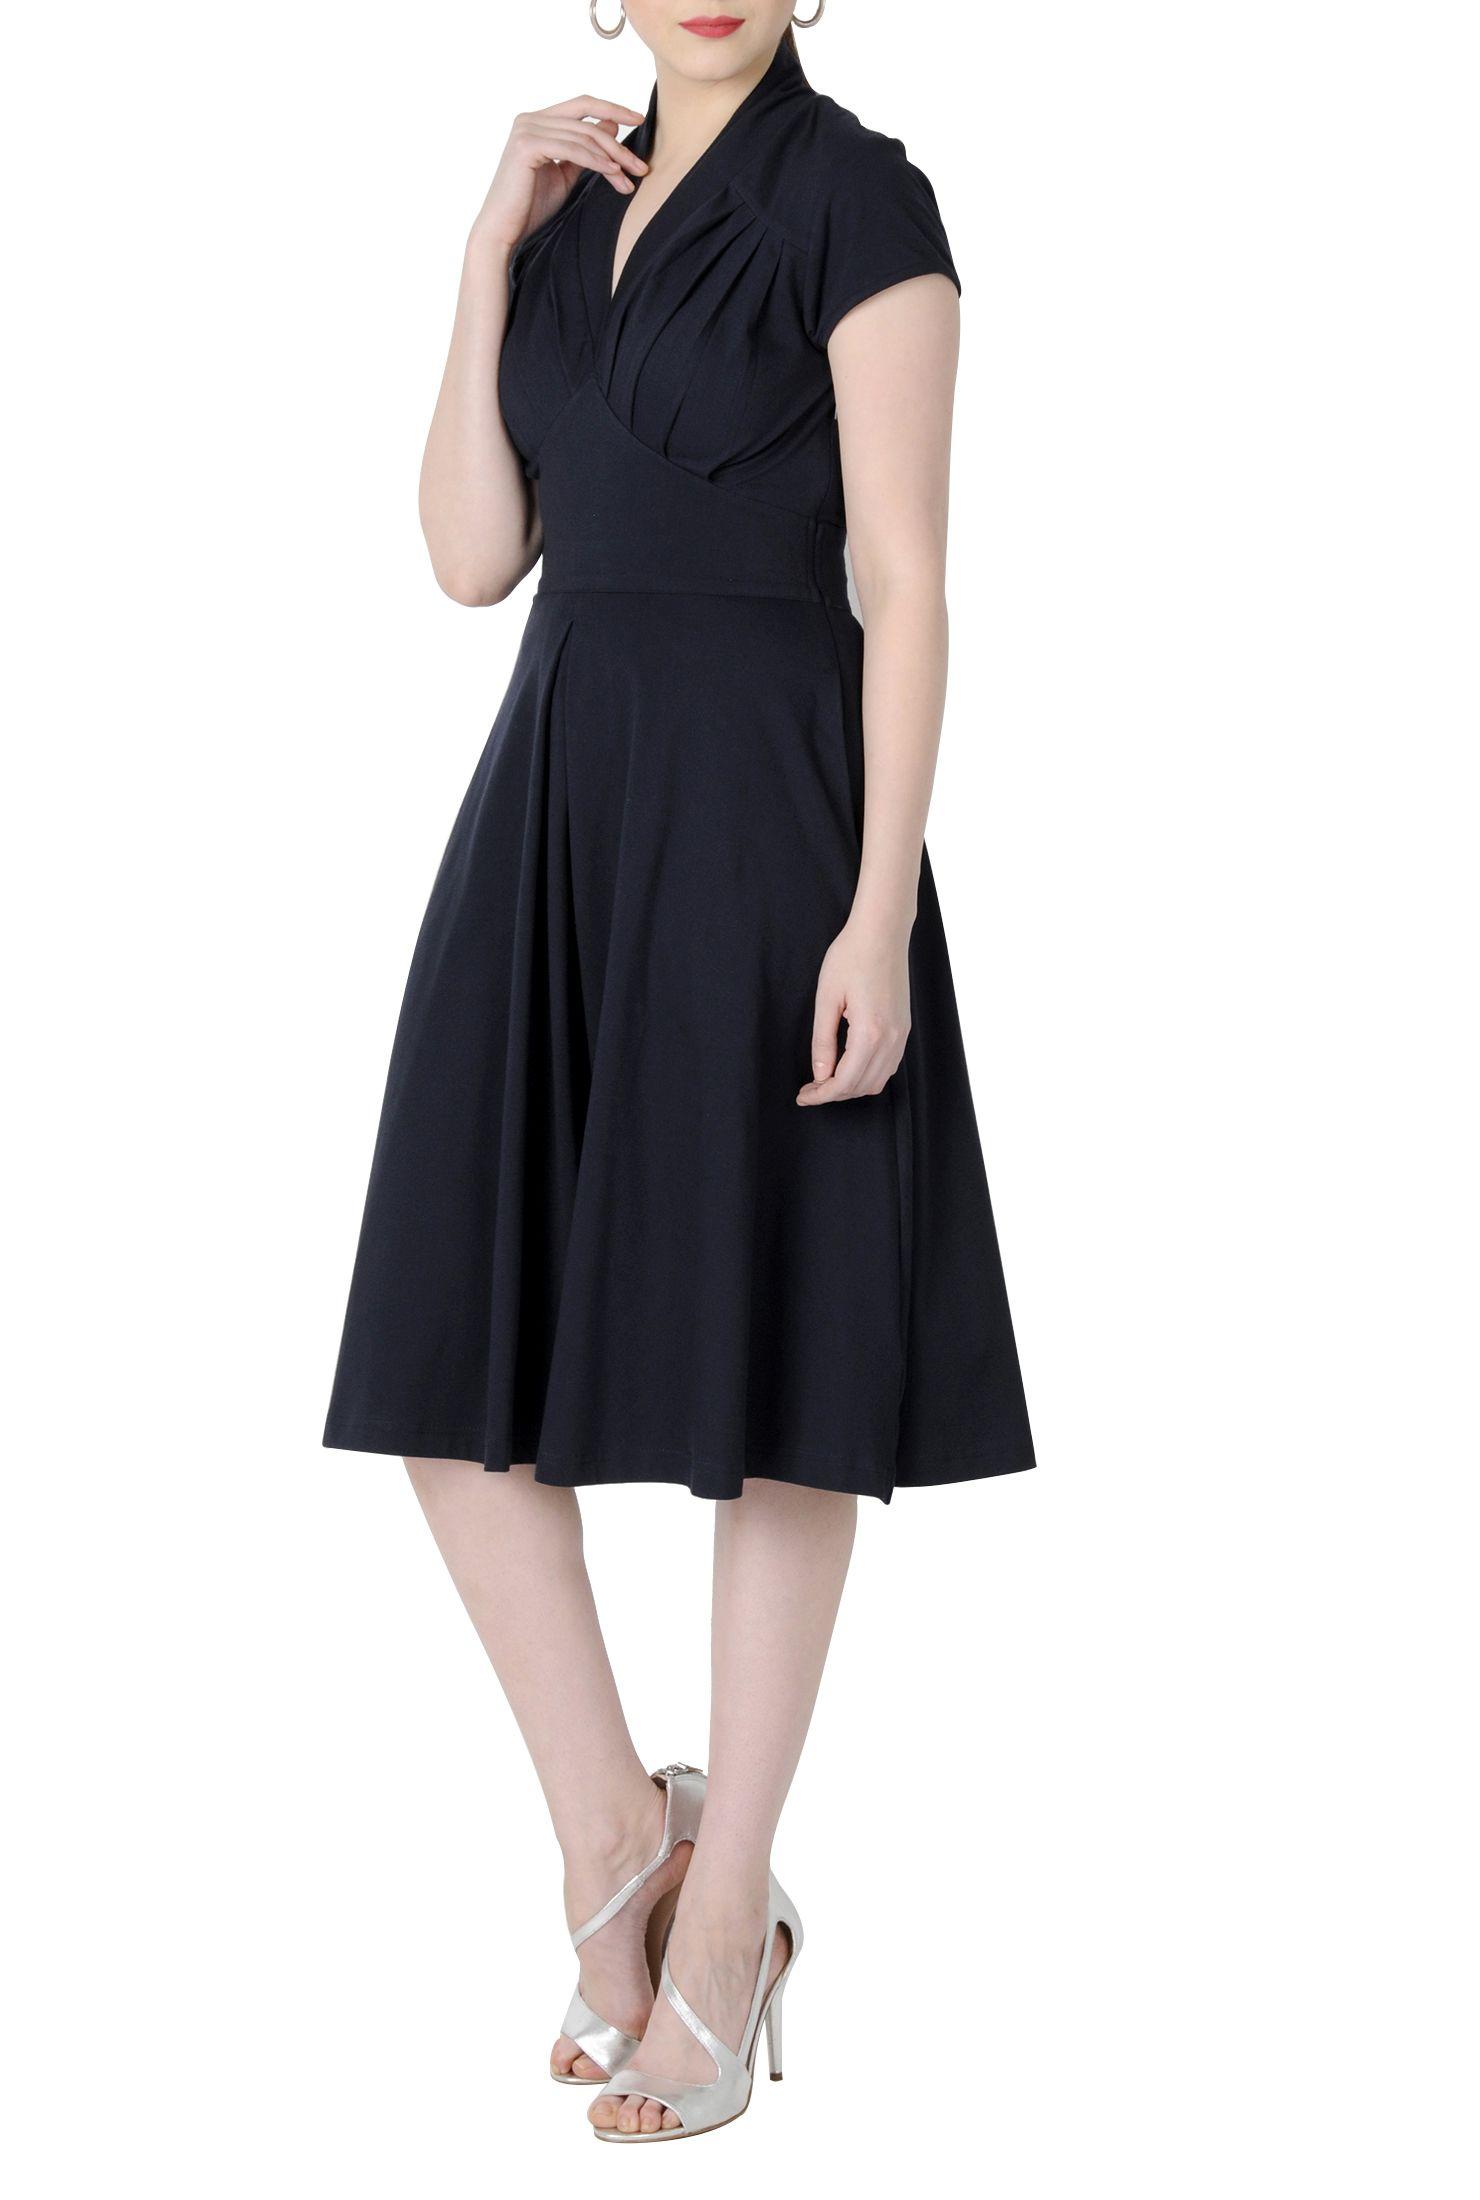 Shop women's designer fashion - A-line dress - Shop for A-line dresses CL0030567 | eShakti